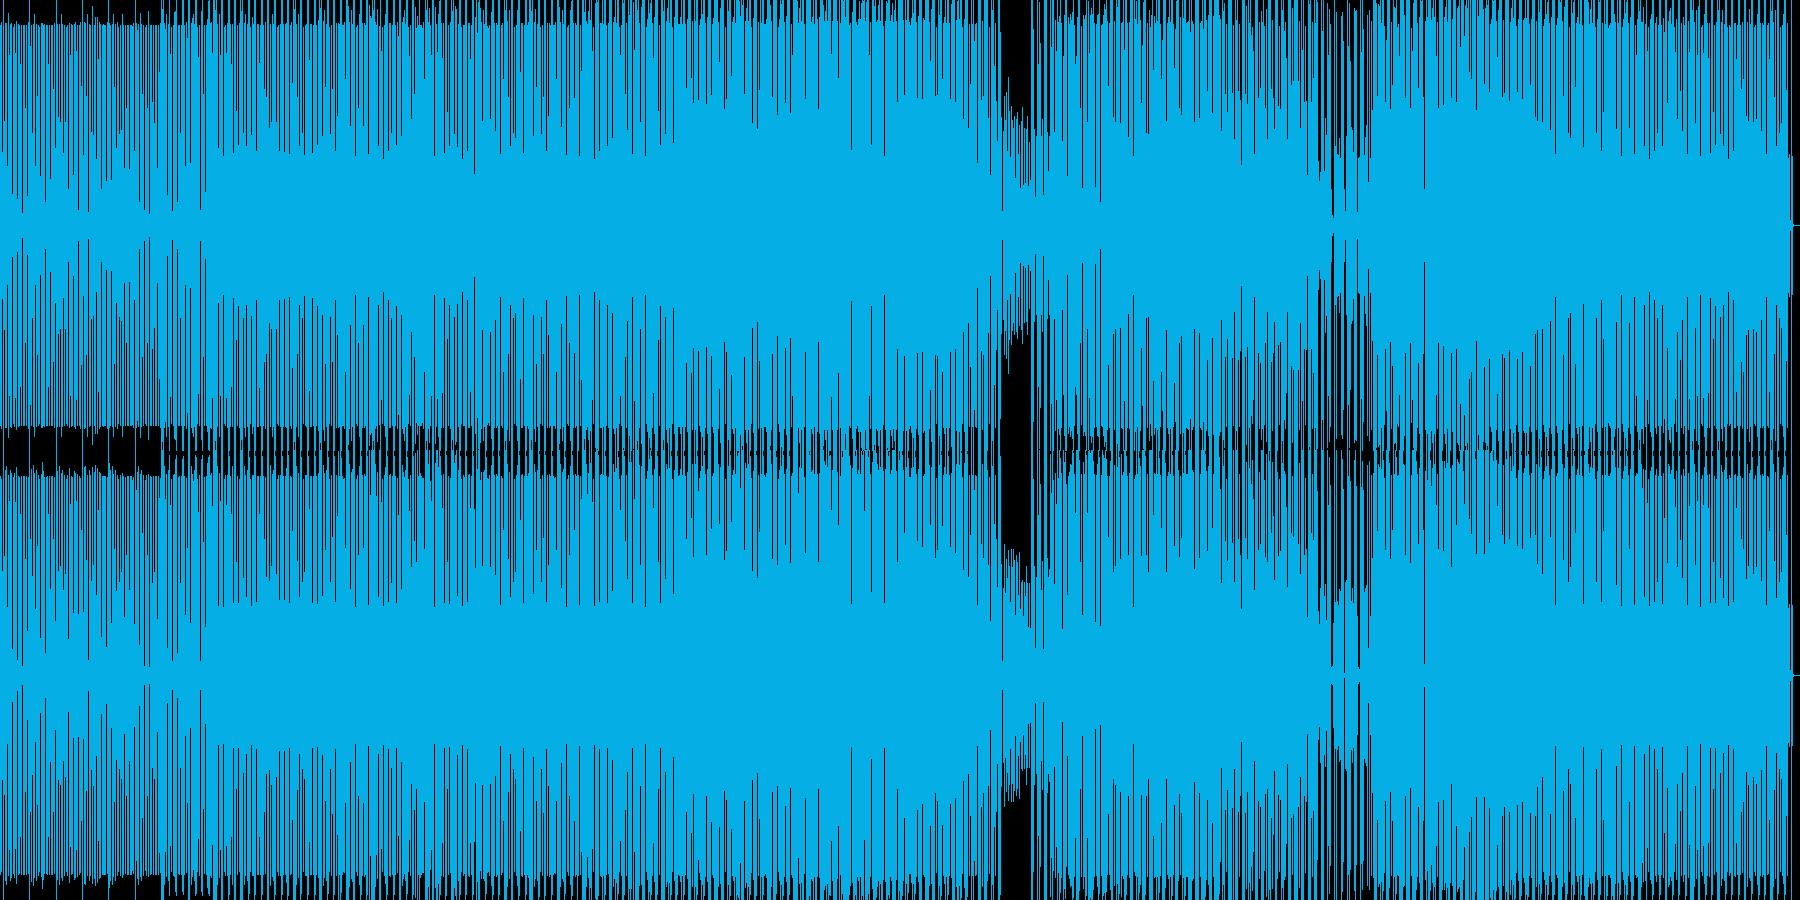 deepなミニマルハウスの再生済みの波形